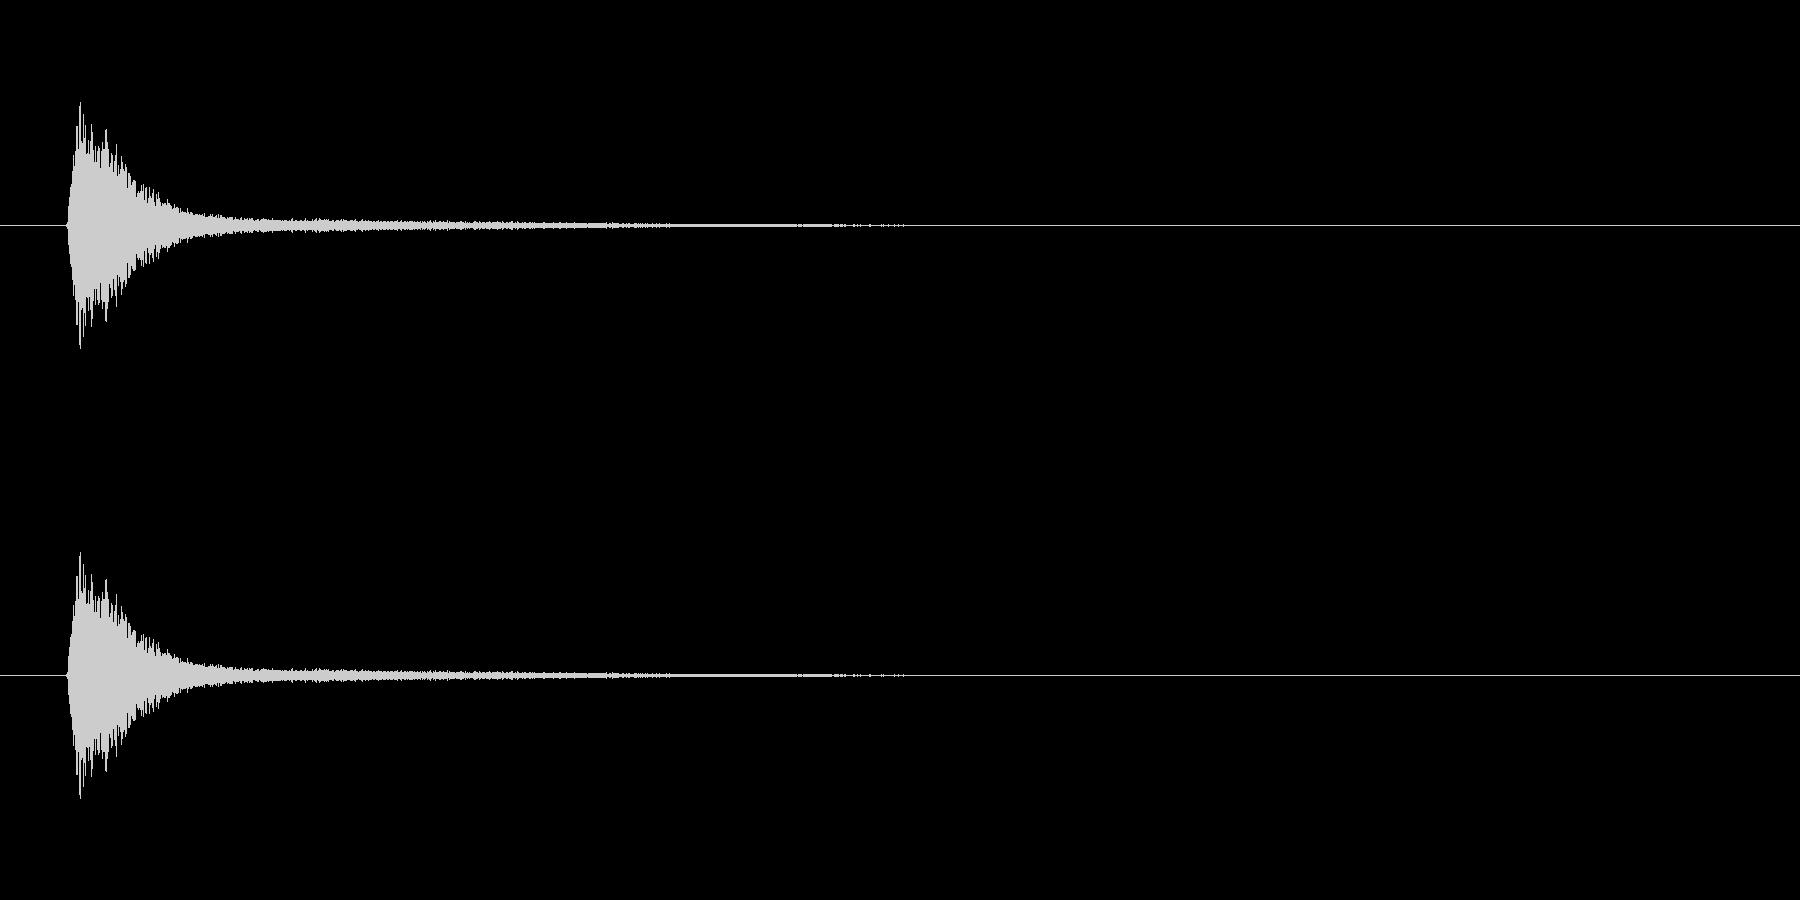 【風船 破裂01-1】の未再生の波形